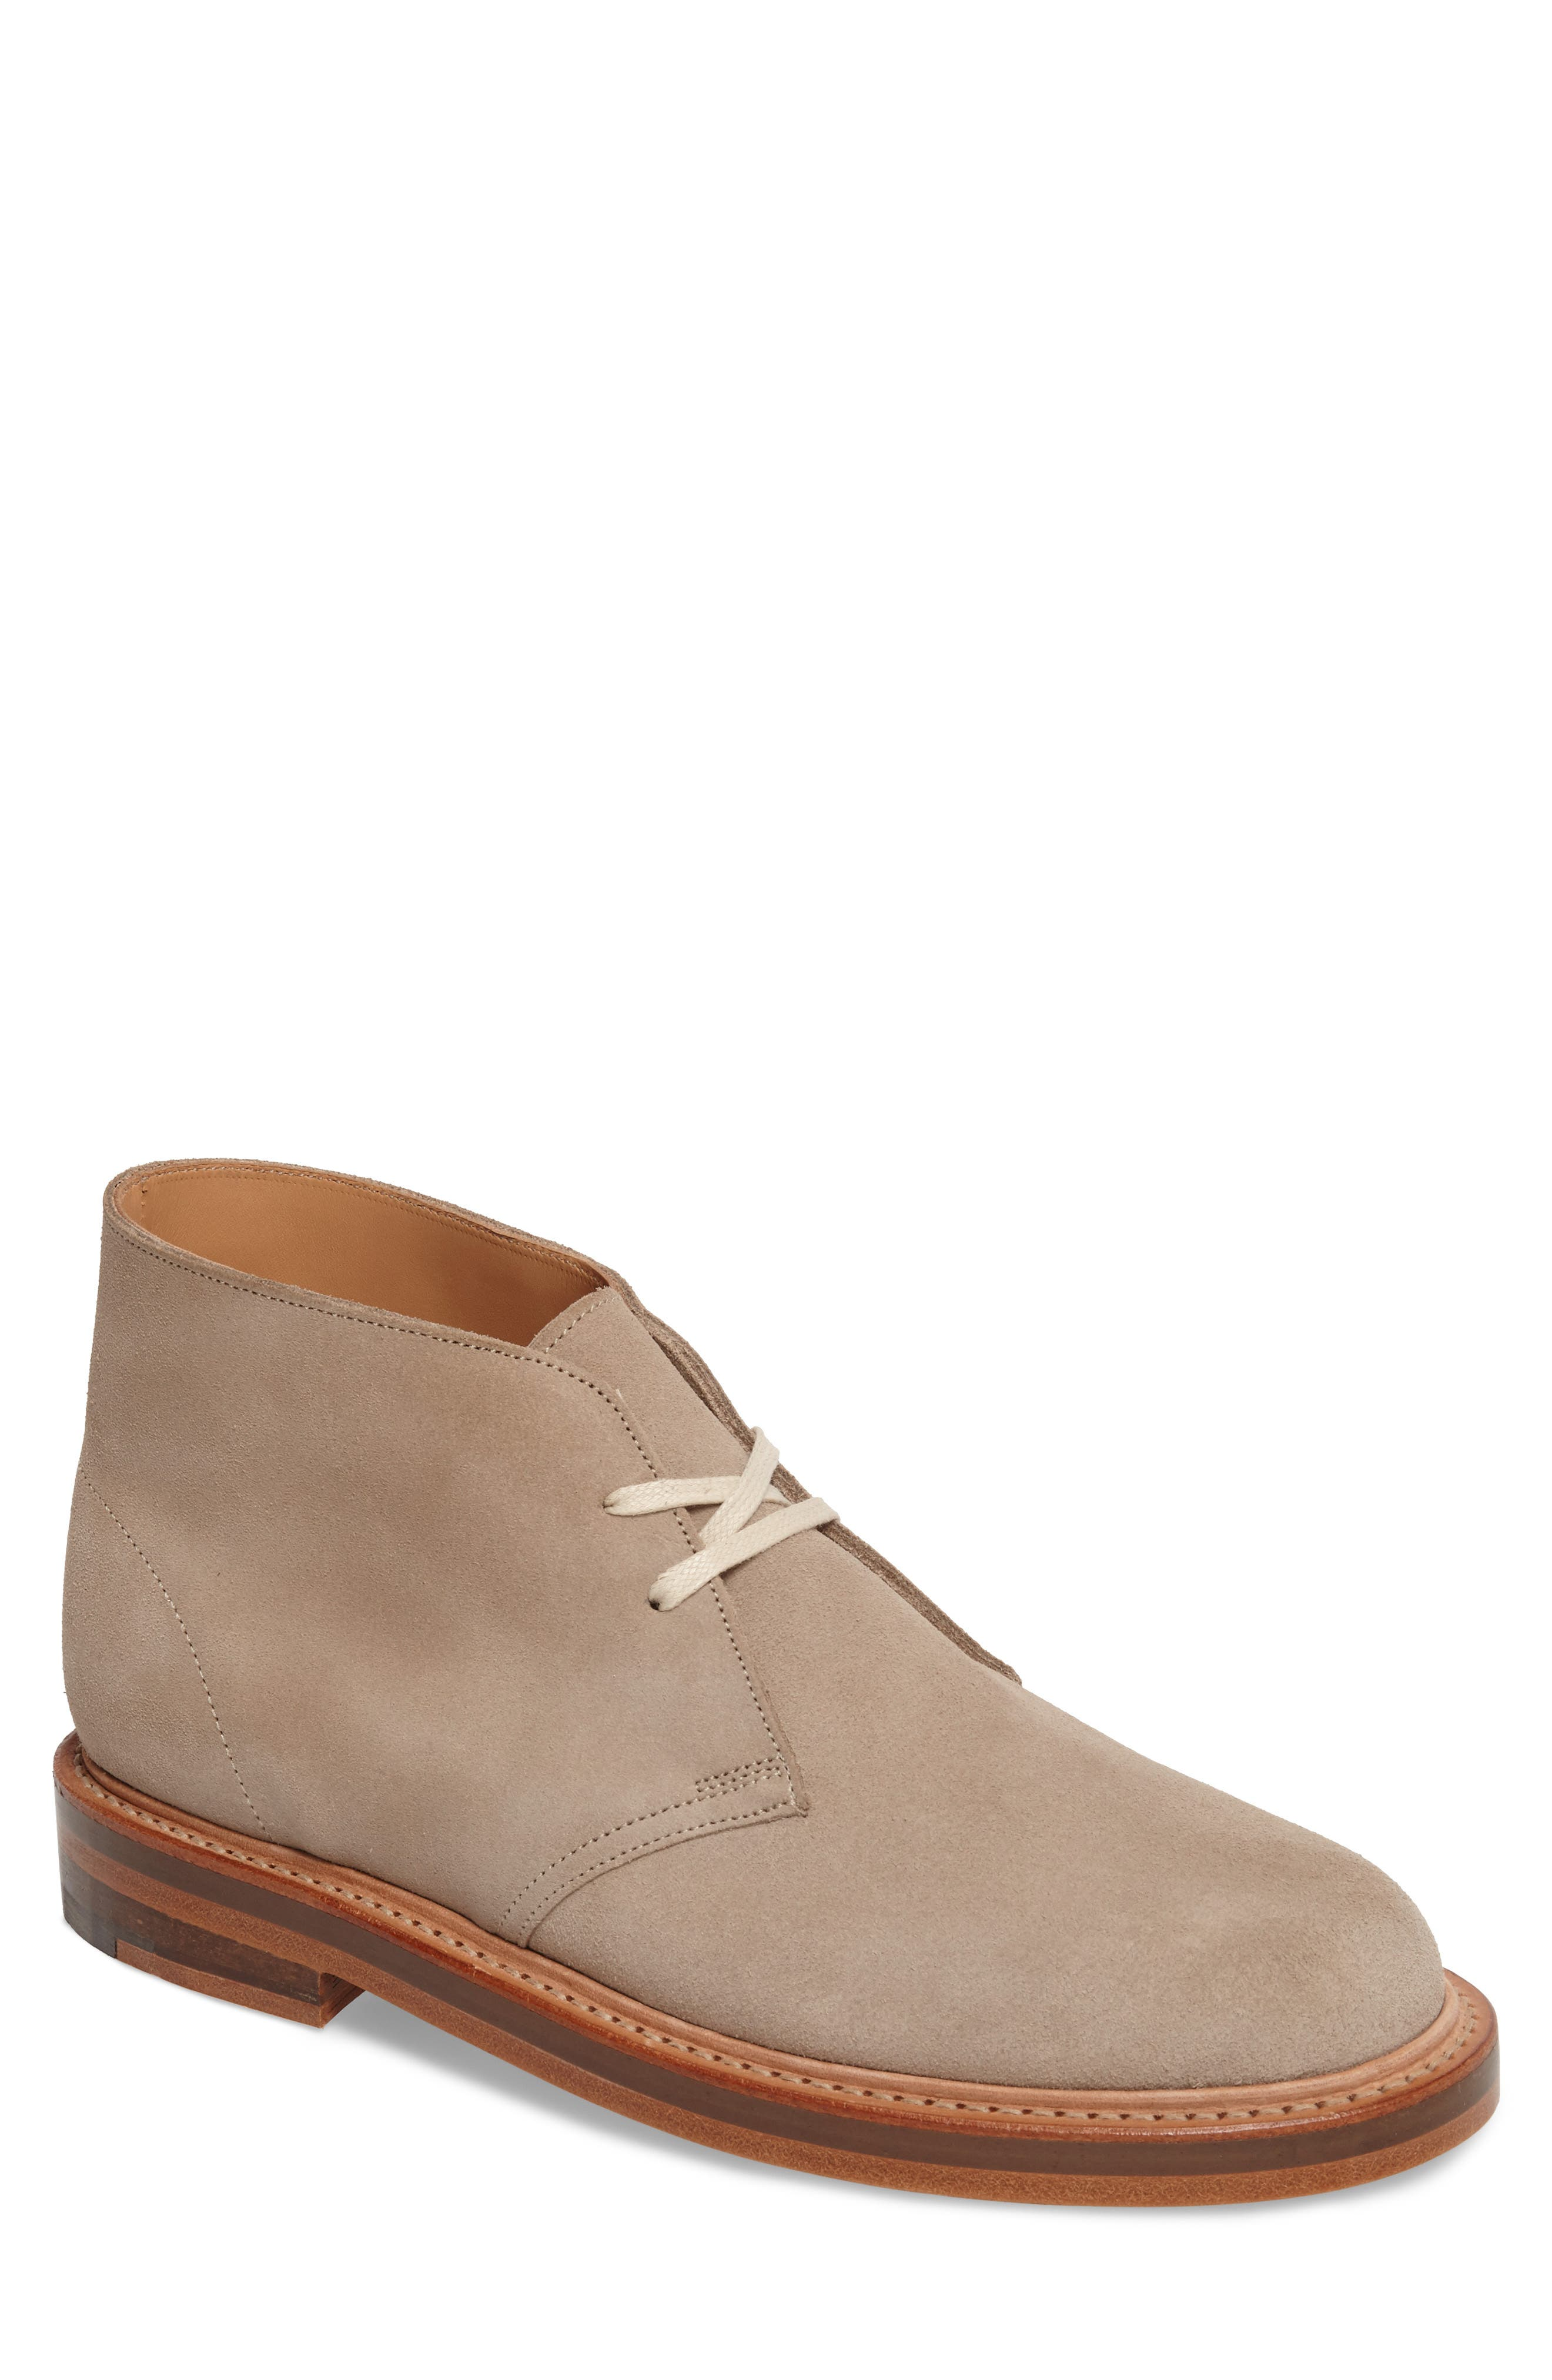 Alternate Image 1 Selected - Clarks Desert Chukka Boot (Men)